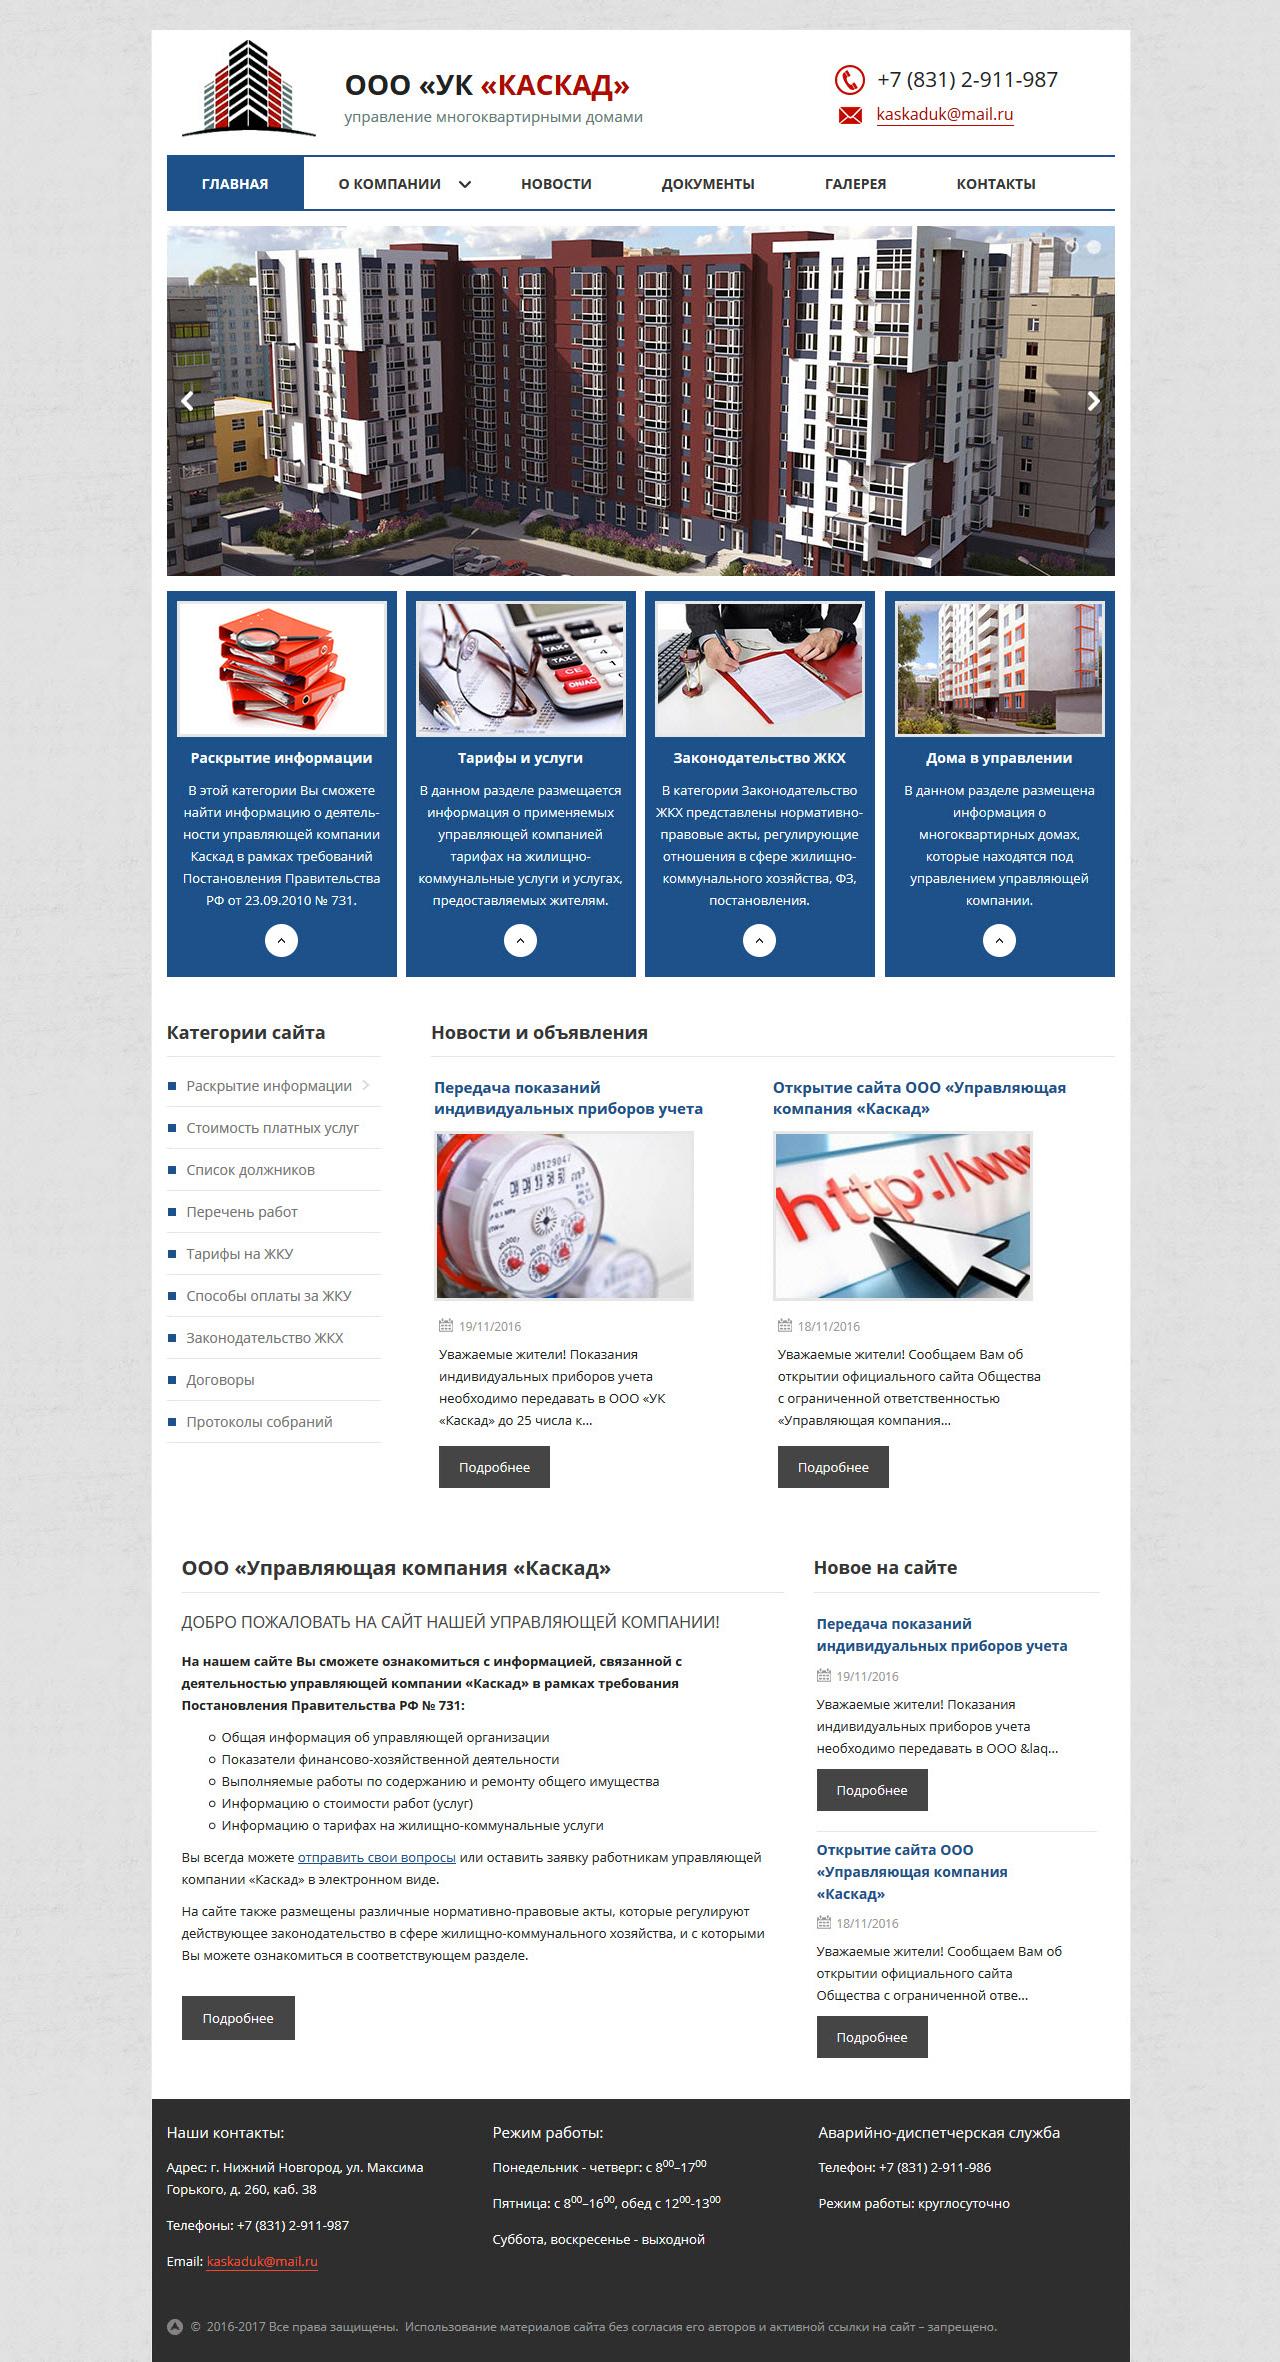 Создание сайтов для тсж и управляющих компании как создать базу данных в phpmyadmin на хостинге